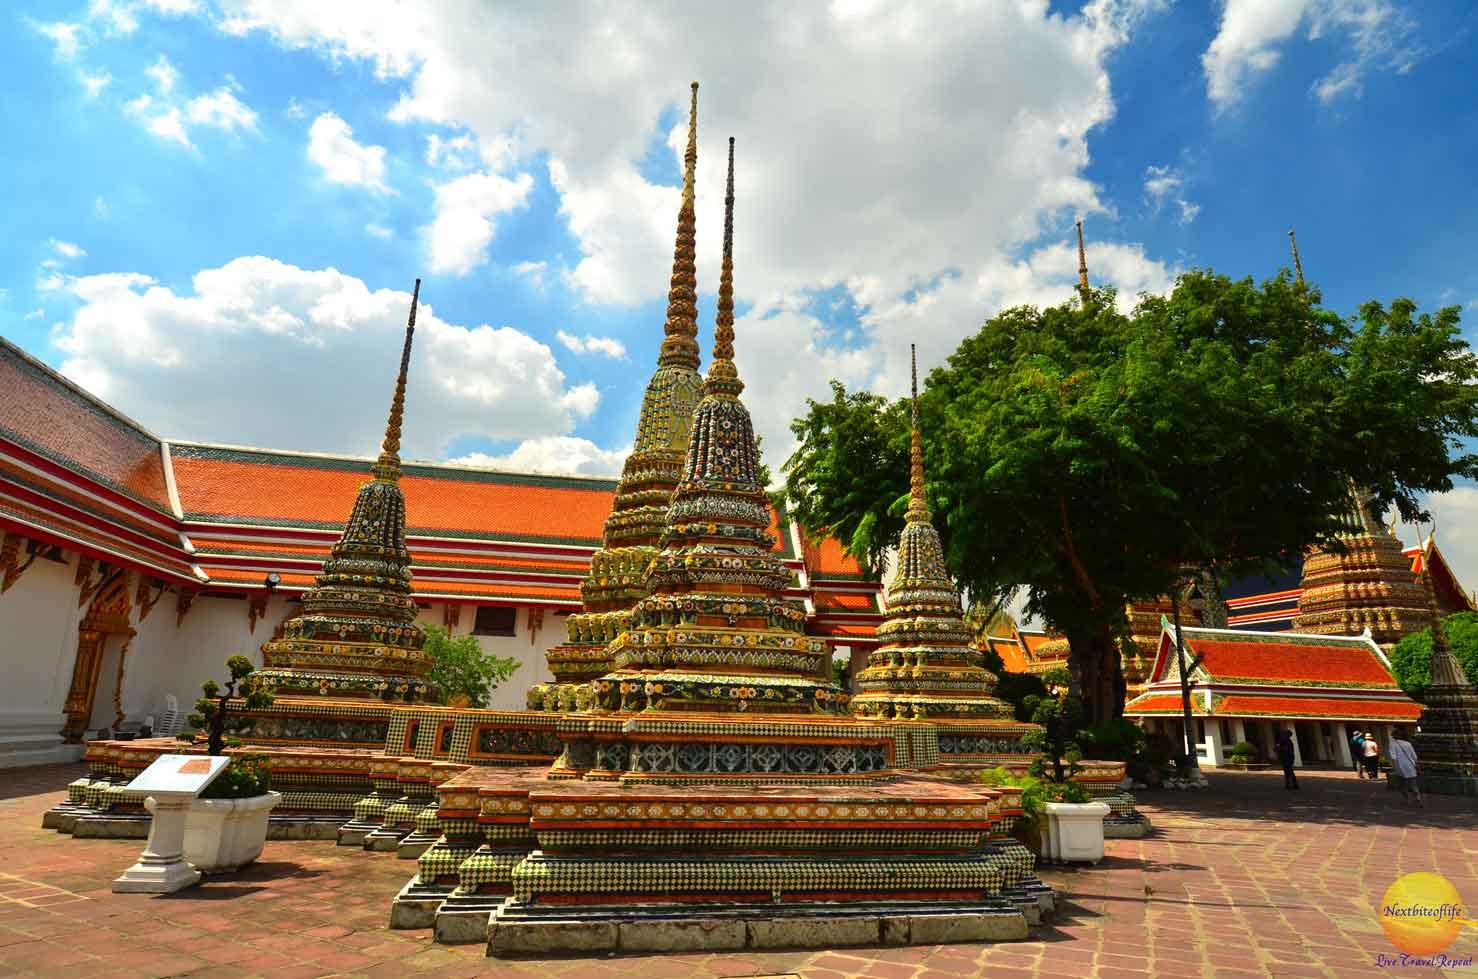 Hotels near Grand Palace - Bangkok Hotels